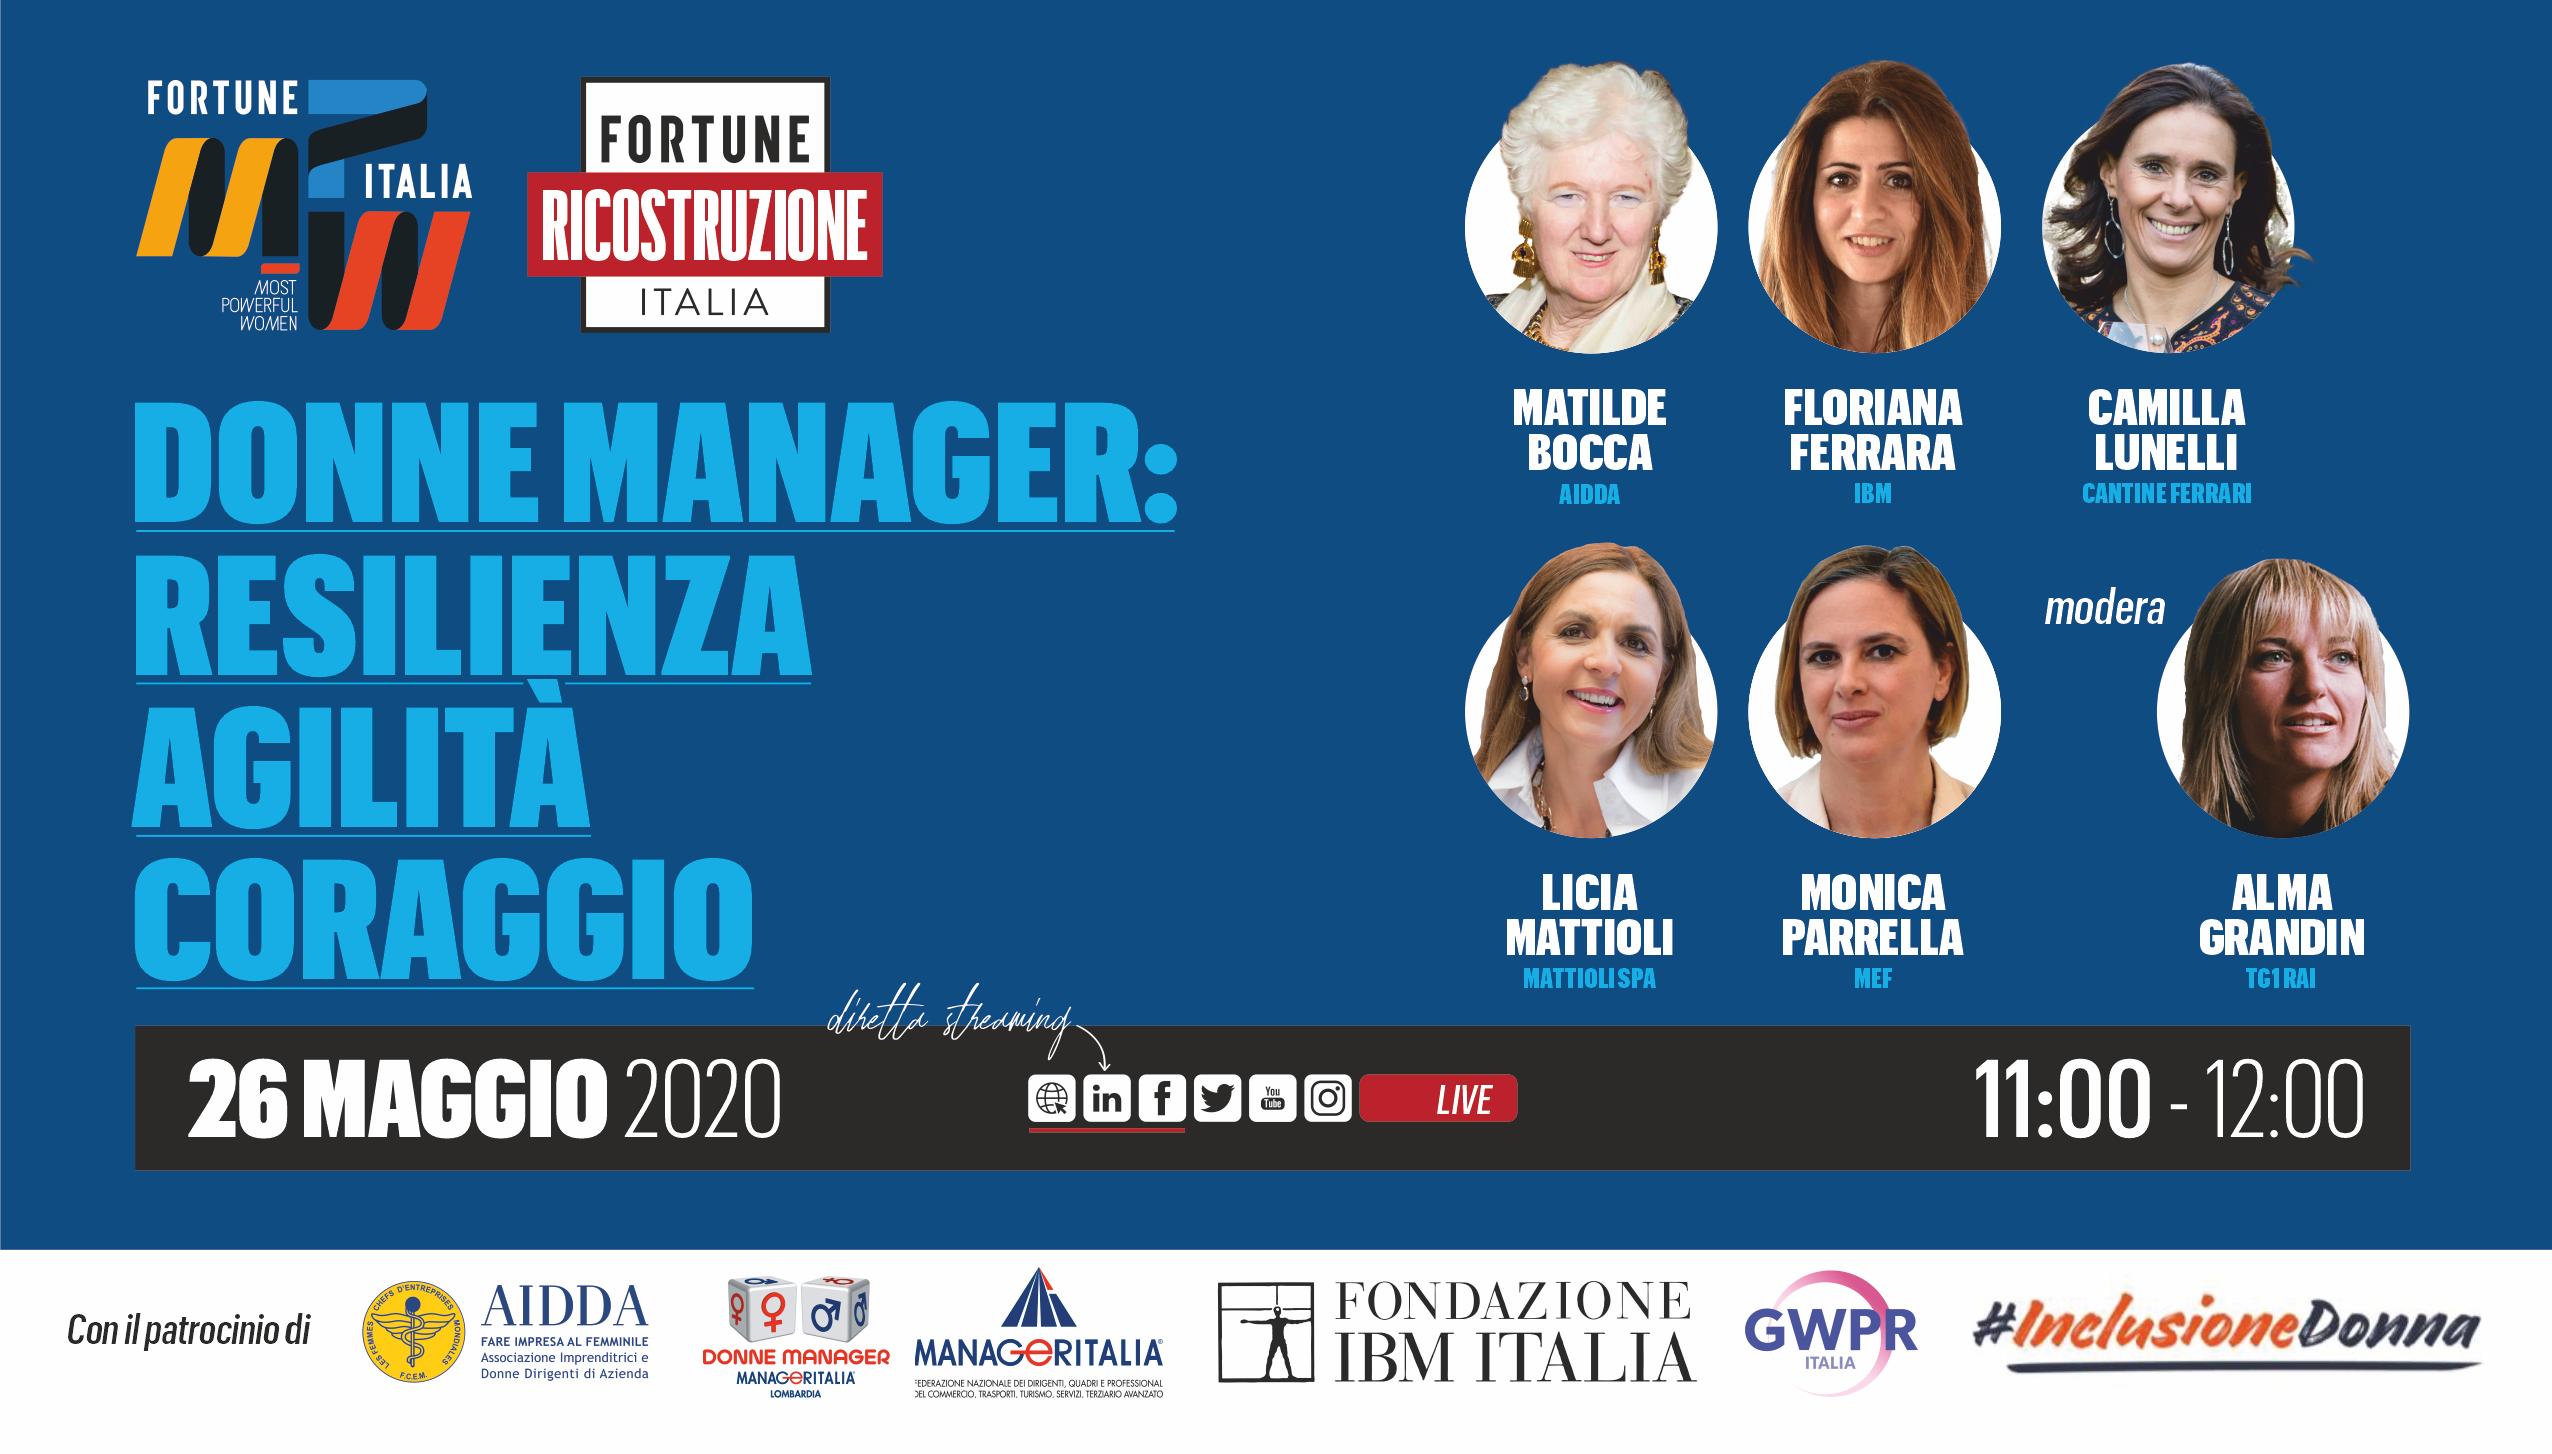 1° e-meeting Fortune Italia: Ricostruzione MPW - Most Powerful Women - 26 maggio 2020 - ore 11 - pagina Linkedin di Fortune Italia